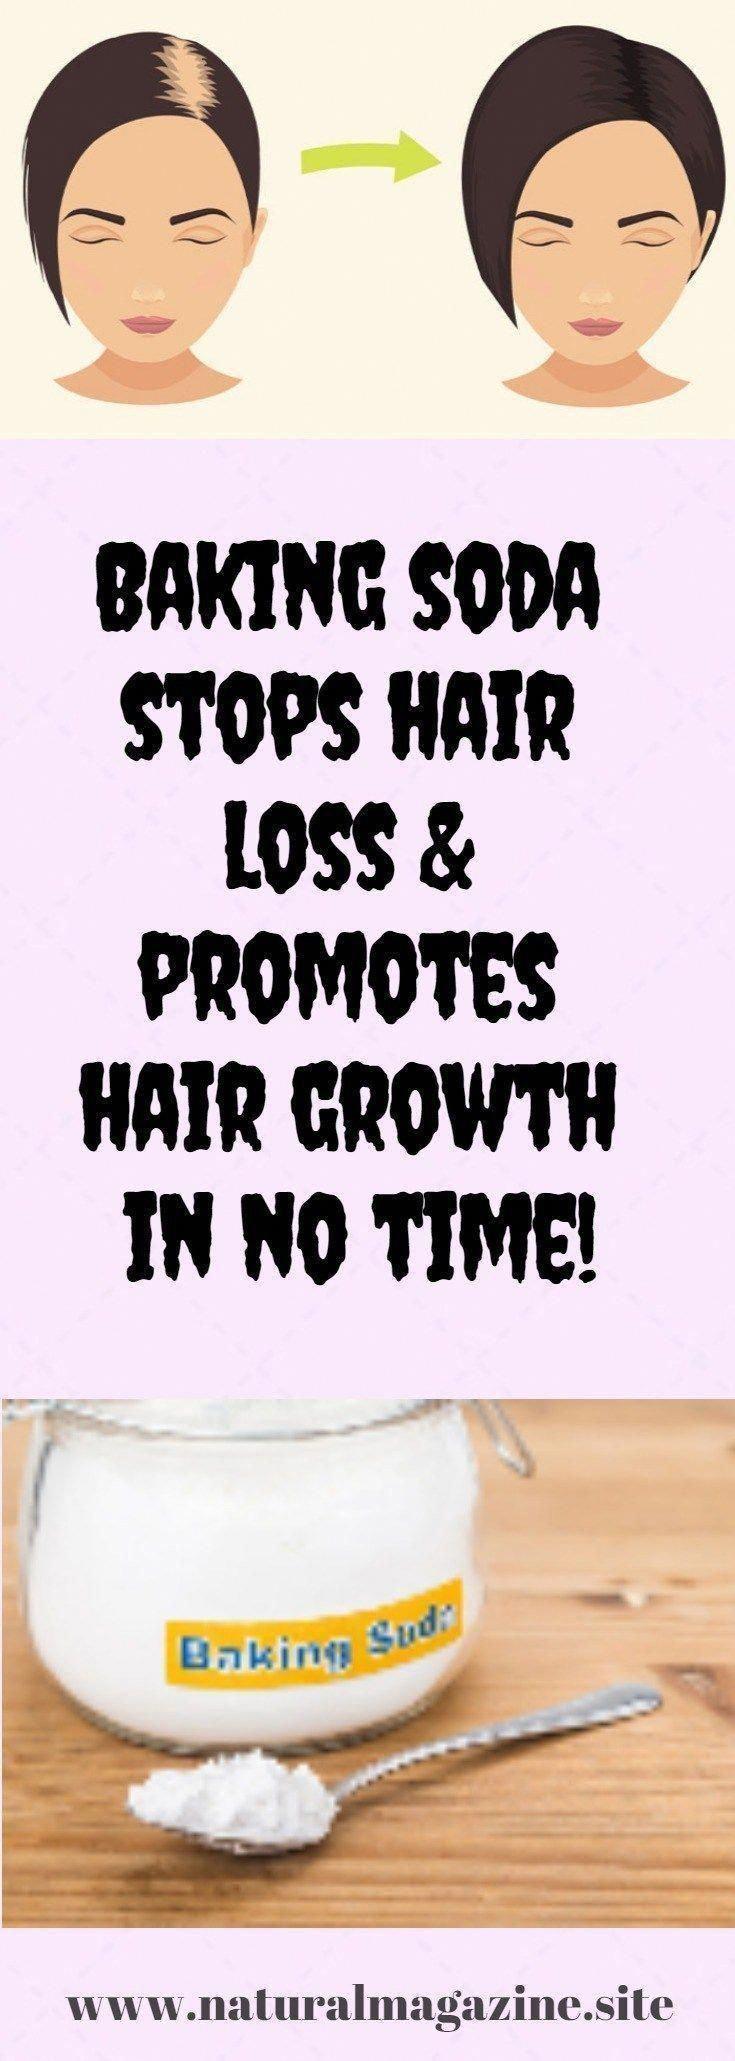 Szampon do pieczenia sody: Sprawi, że twoje włosy zaczną rosnąć tak, jak to jest Szampan do pieczenia sody ...-#PielegnacjaSkory- Szampon do pieczenia sody: Sprawi, że twoje włosy zaczną rosnąć tak, jak to jest Szampan do pieczenia sody …  Debbie Islam agsam19835 Baking Soda Water Shampoo Szampon do pieczenia sody: Sprawi, że twoje włosy zaczną rosnąć tak, jak to jest Szampon do pieczenia sody: Sprawi, że twoje włosy odrosną, jakby to mogło być magiczne! Magia! #Soda oczyszczona, proszek do pie